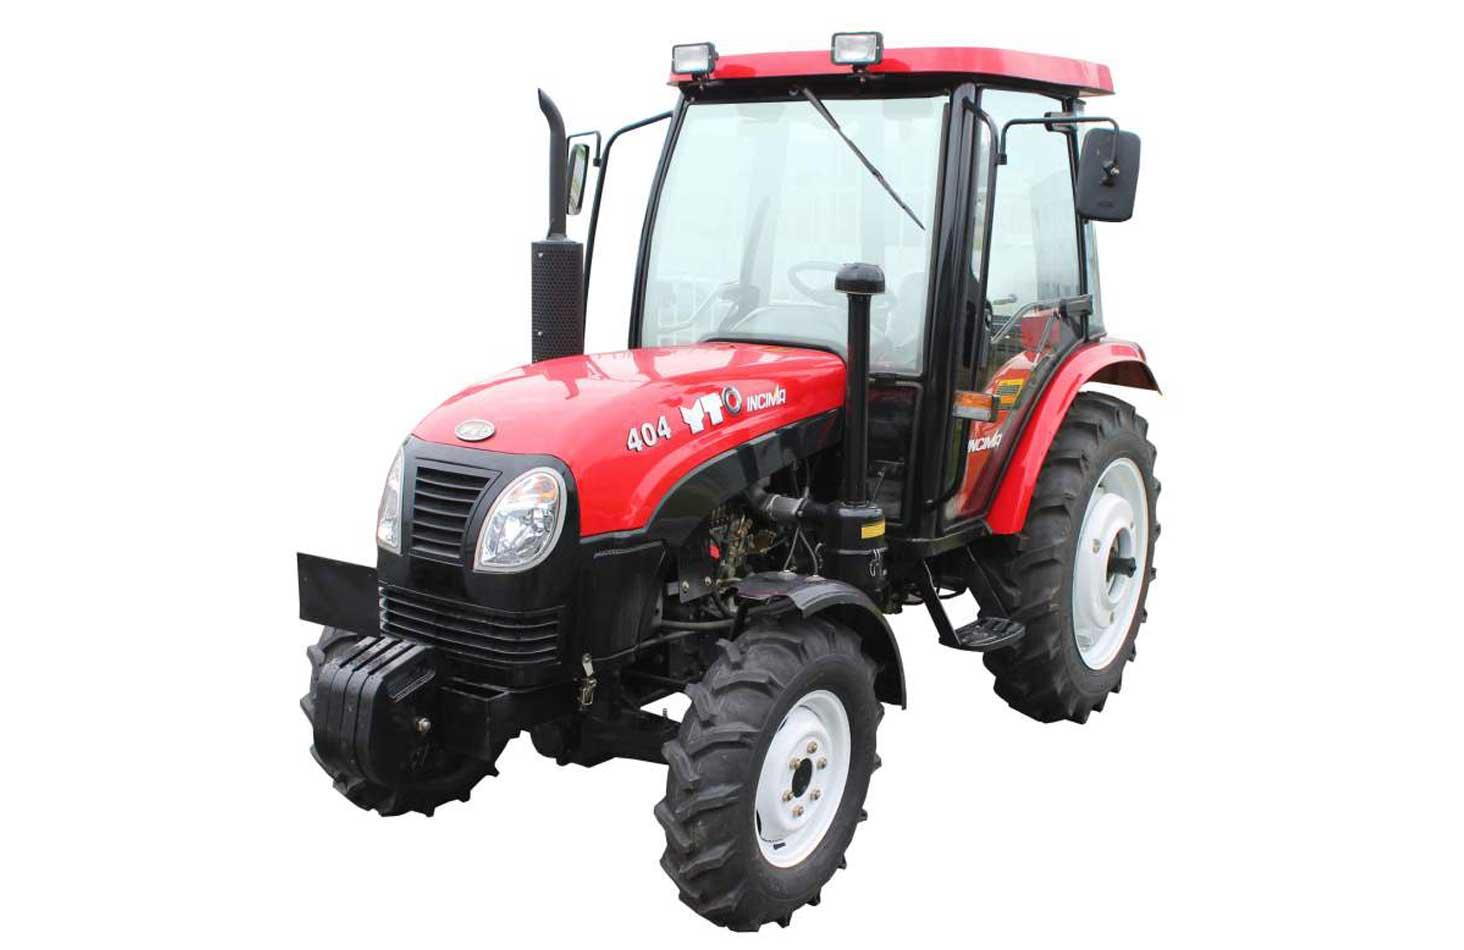 Трактор YTO-404